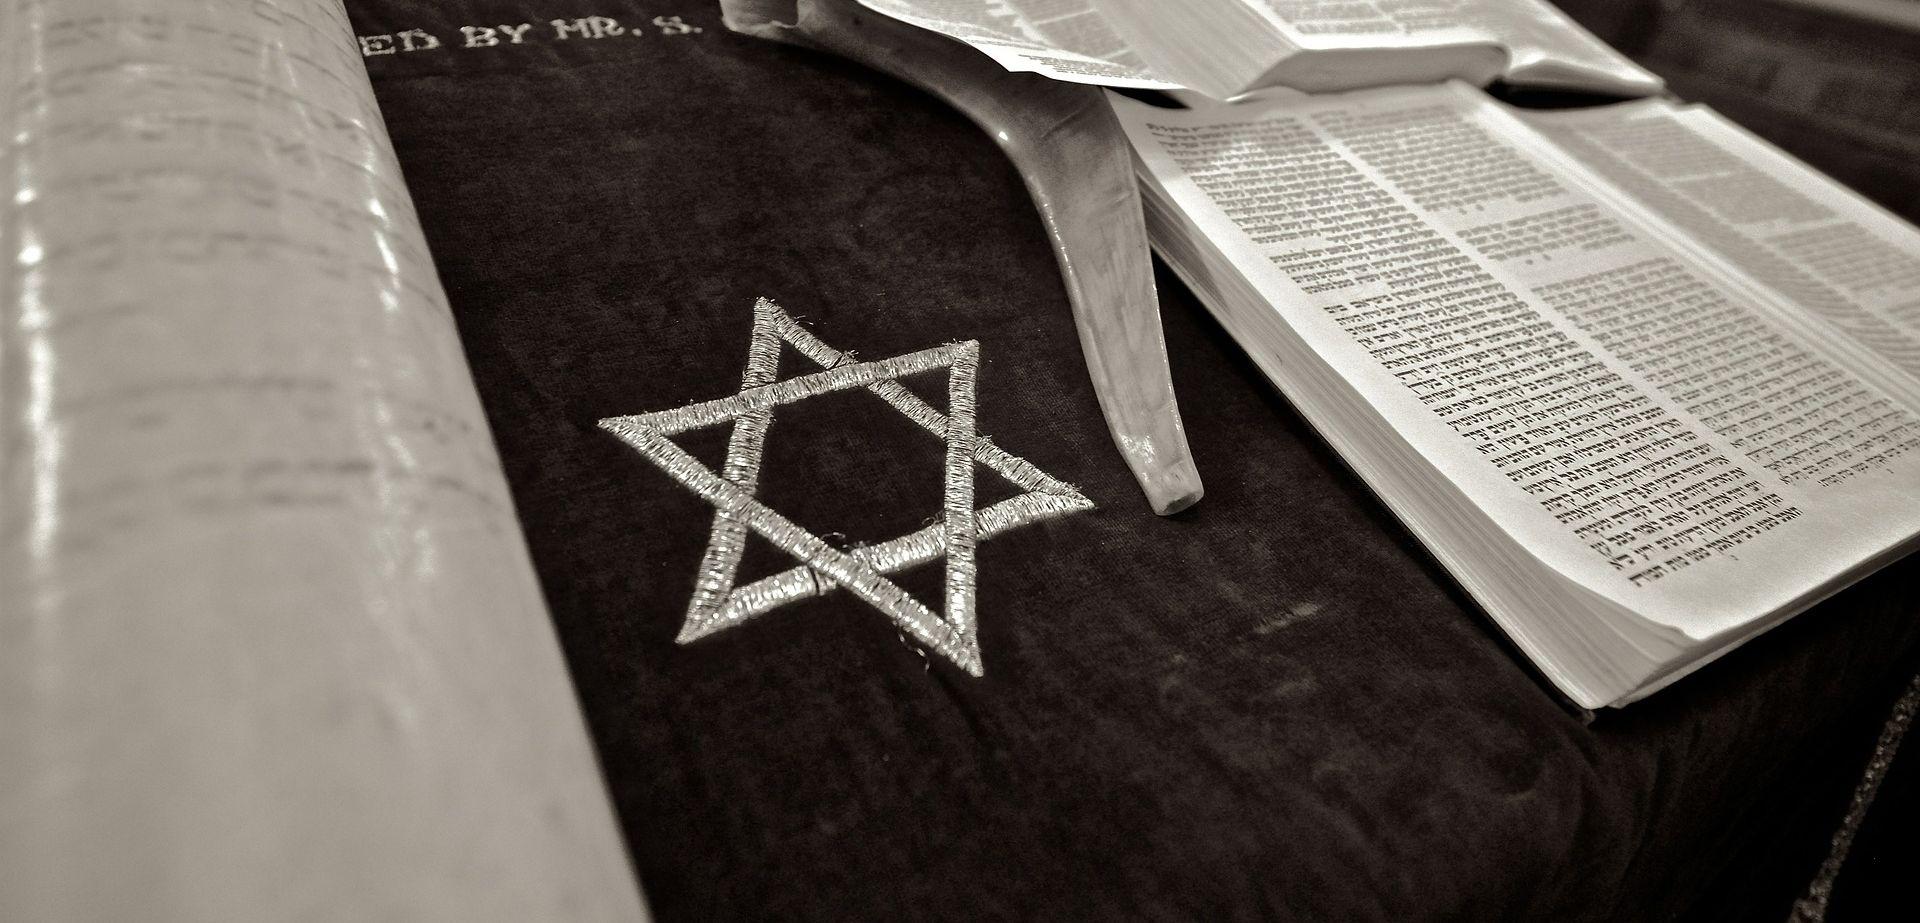 FELJTON Potraga jednog Židova za identitetom